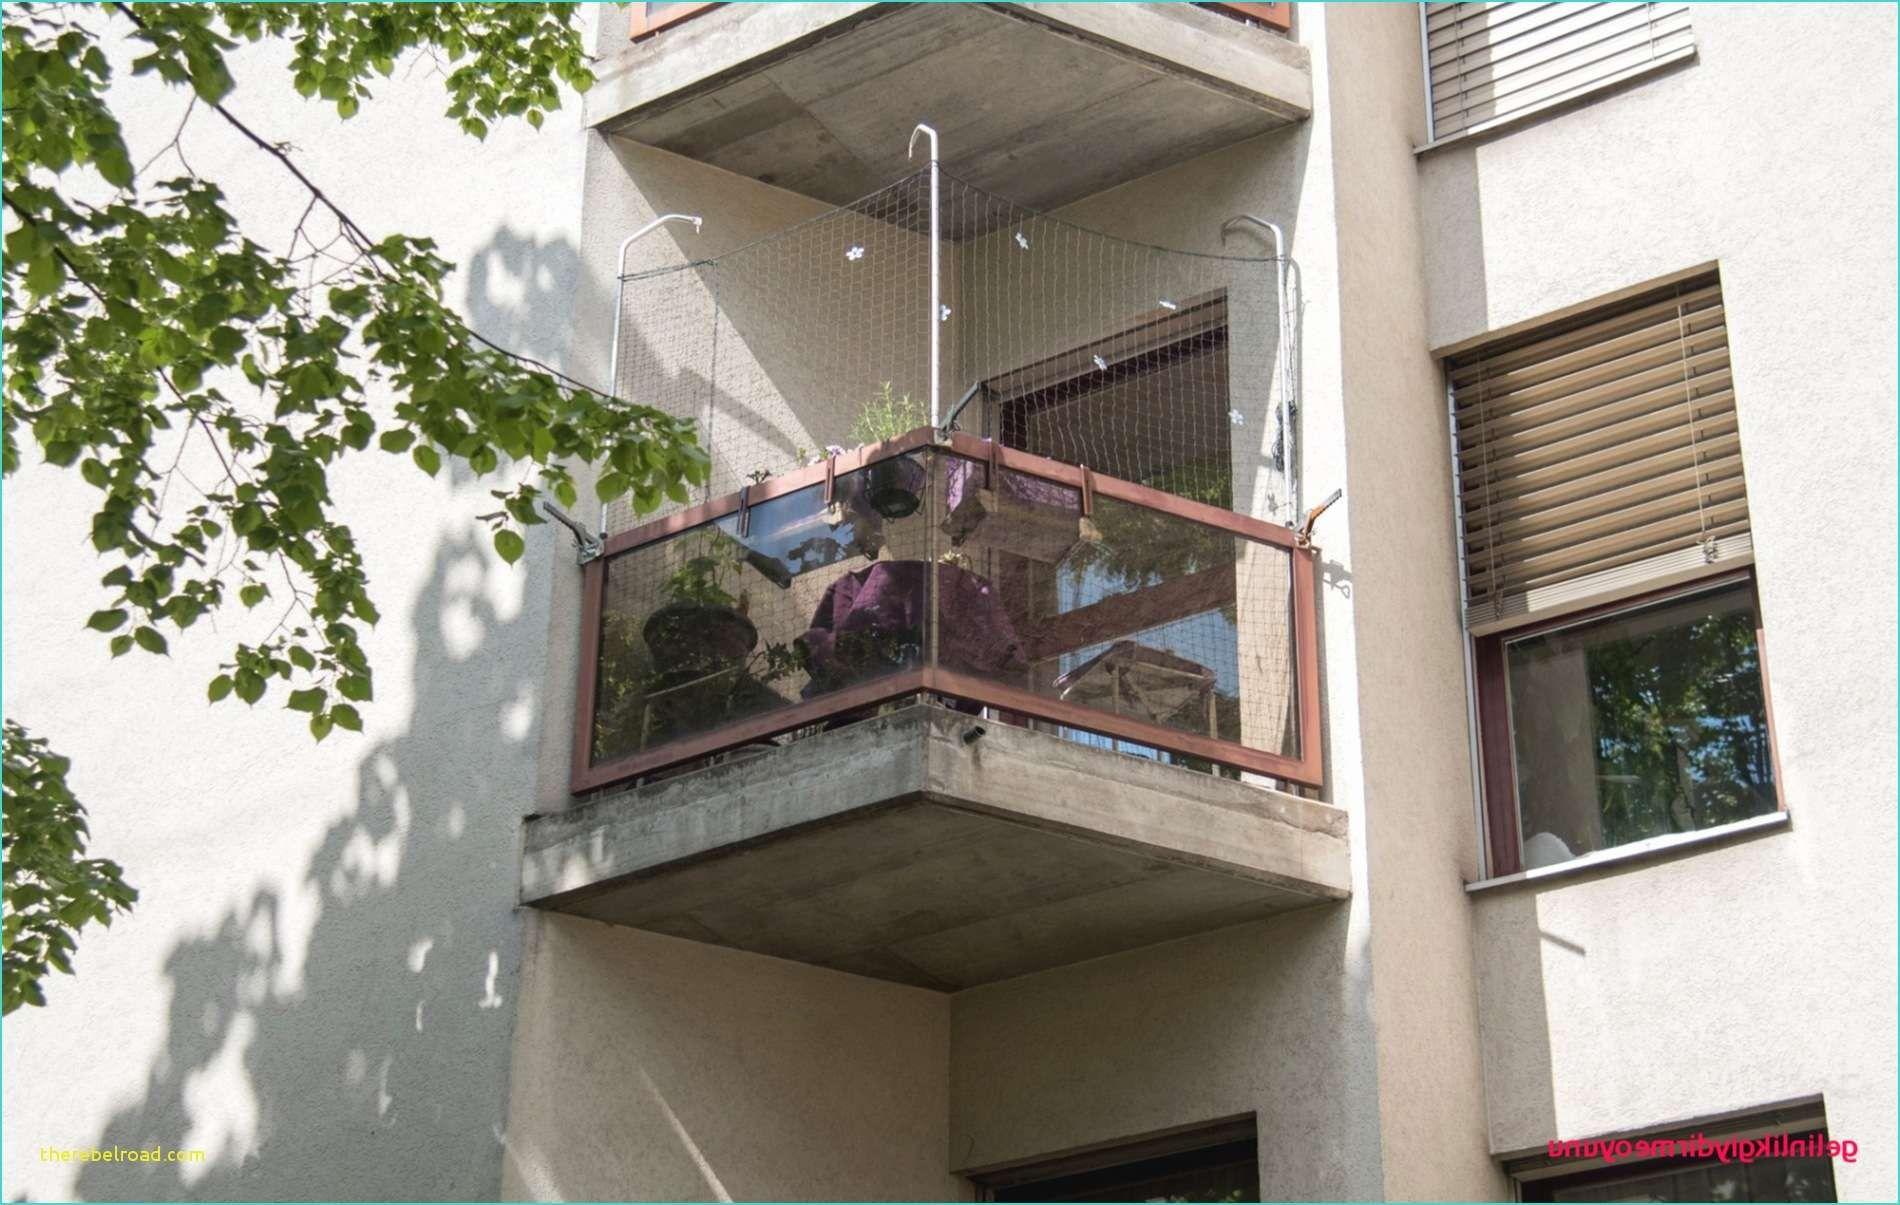 Ideen 44 Zum Balkon Sichtschutz Bambus Ikea